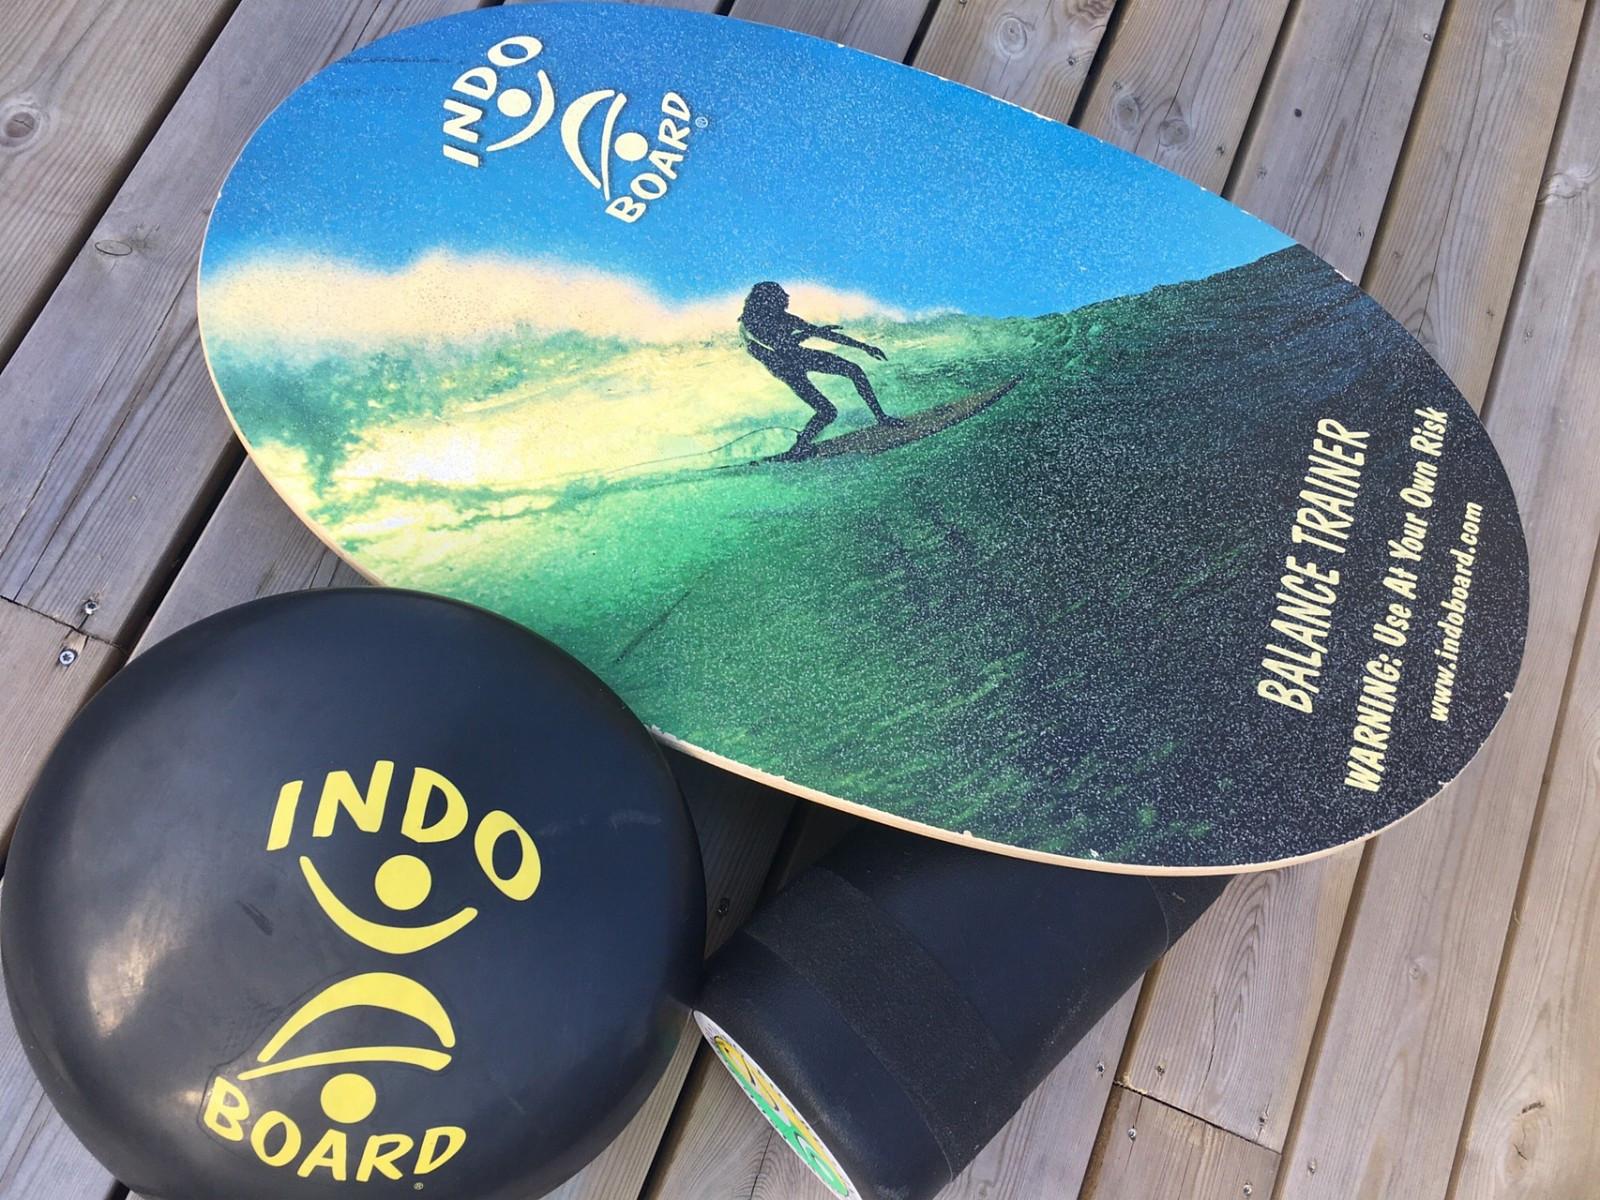 Indo board - Oslo  - Indo board balansebrettpakke med veske Les mer her: http://indoboard.com/original-wave-pack - Oslo